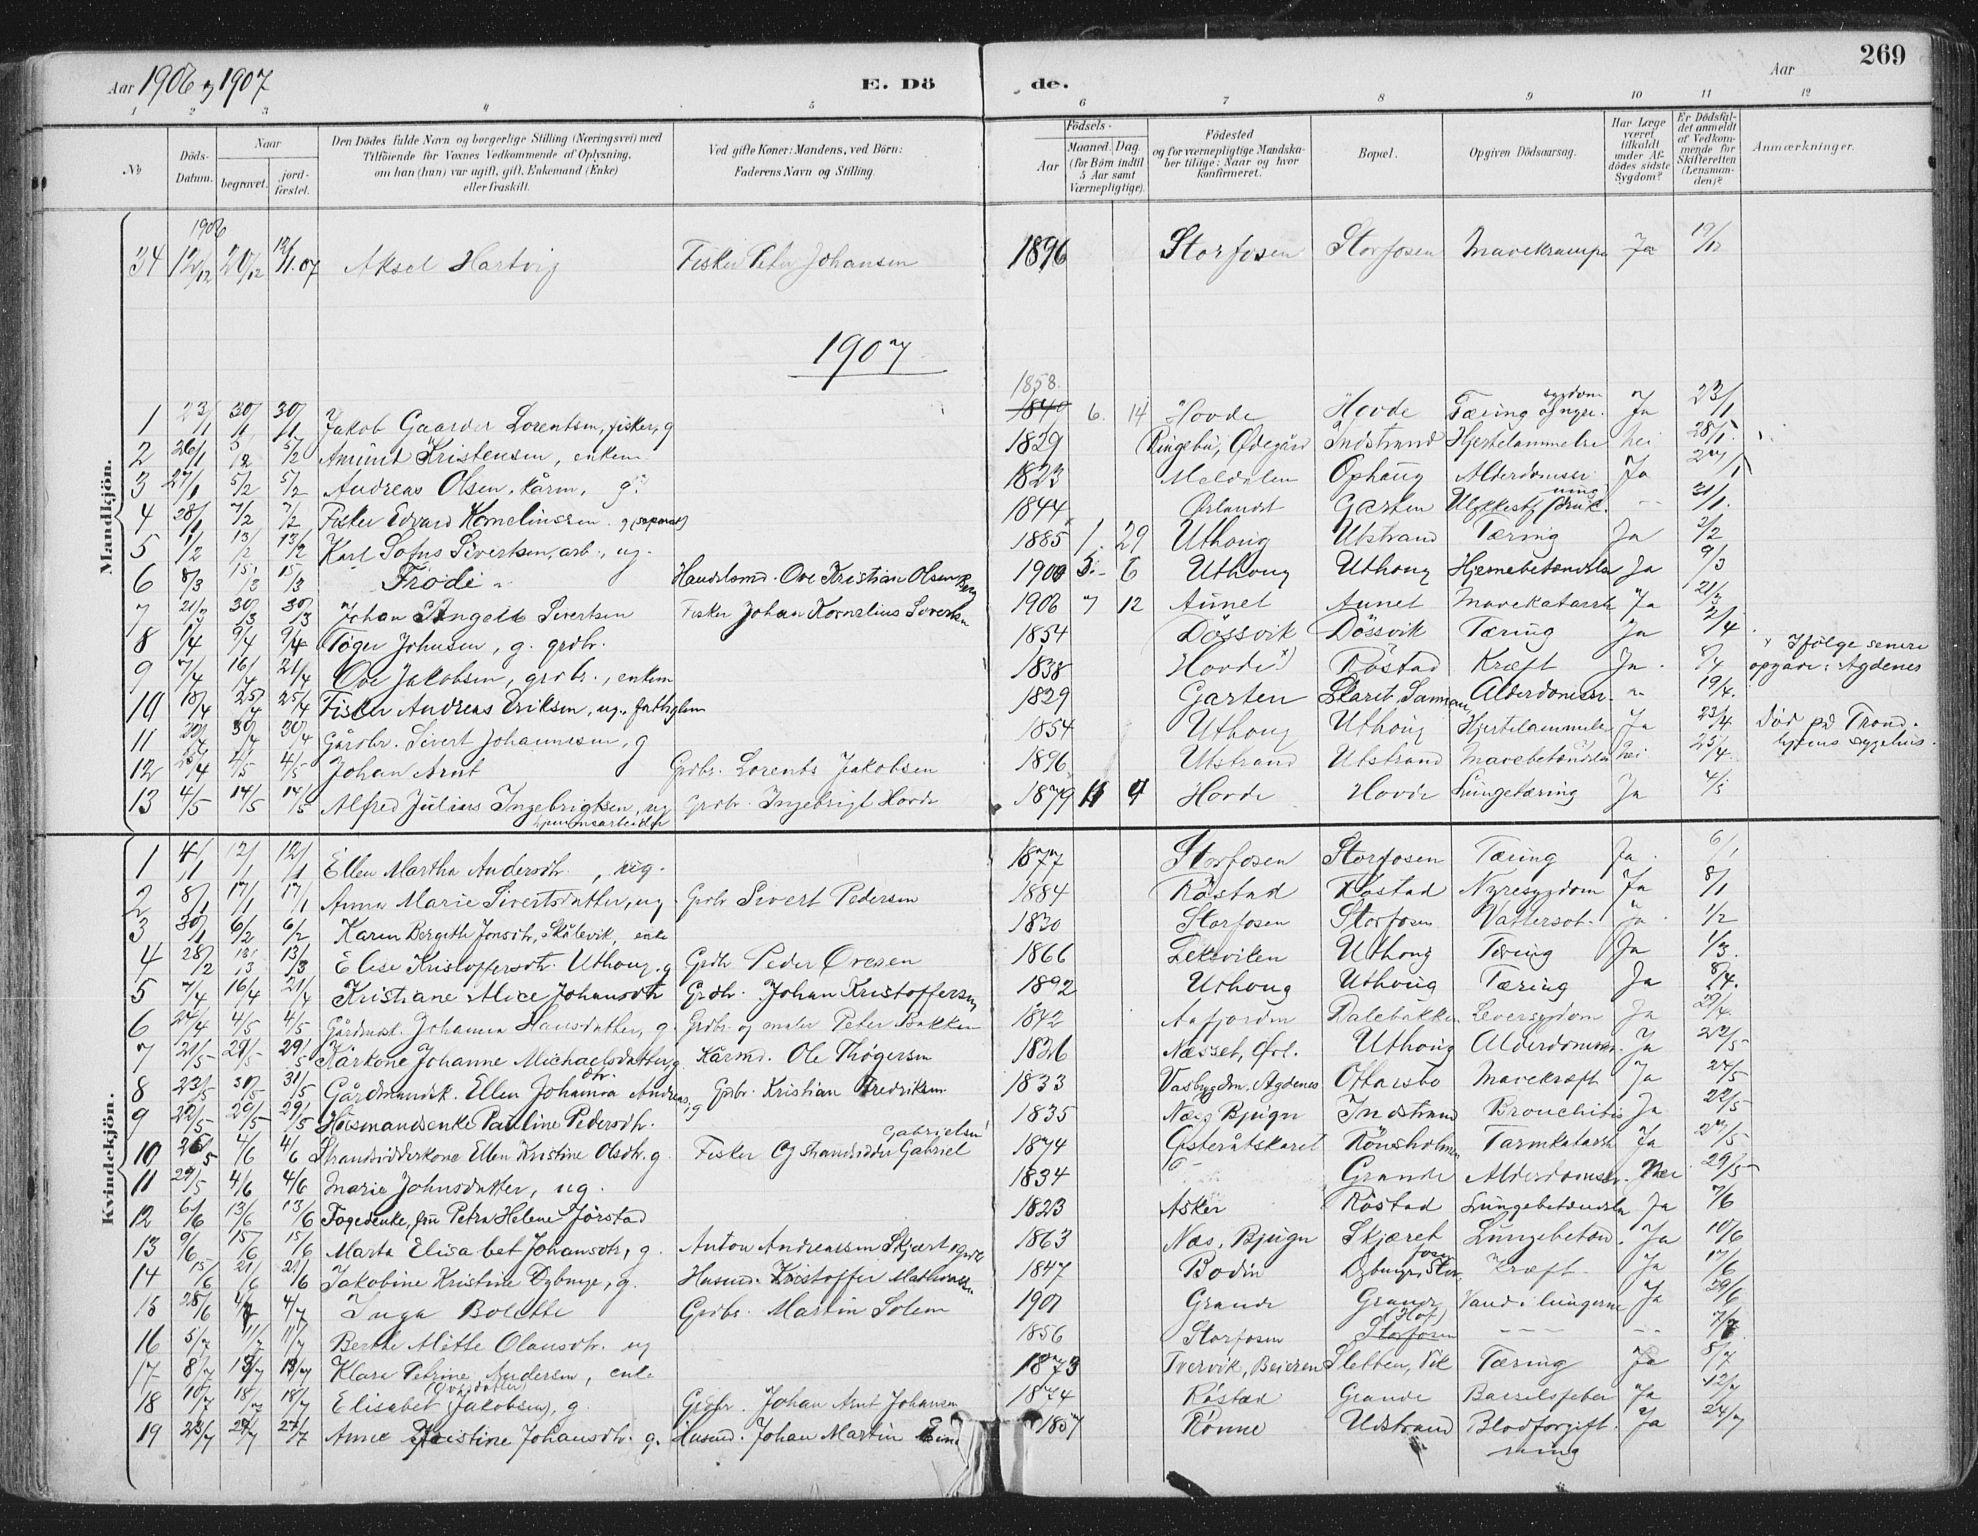 SAT, Ministerialprotokoller, klokkerbøker og fødselsregistre - Sør-Trøndelag, 659/L0743: Ministerialbok nr. 659A13, 1893-1910, s. 269